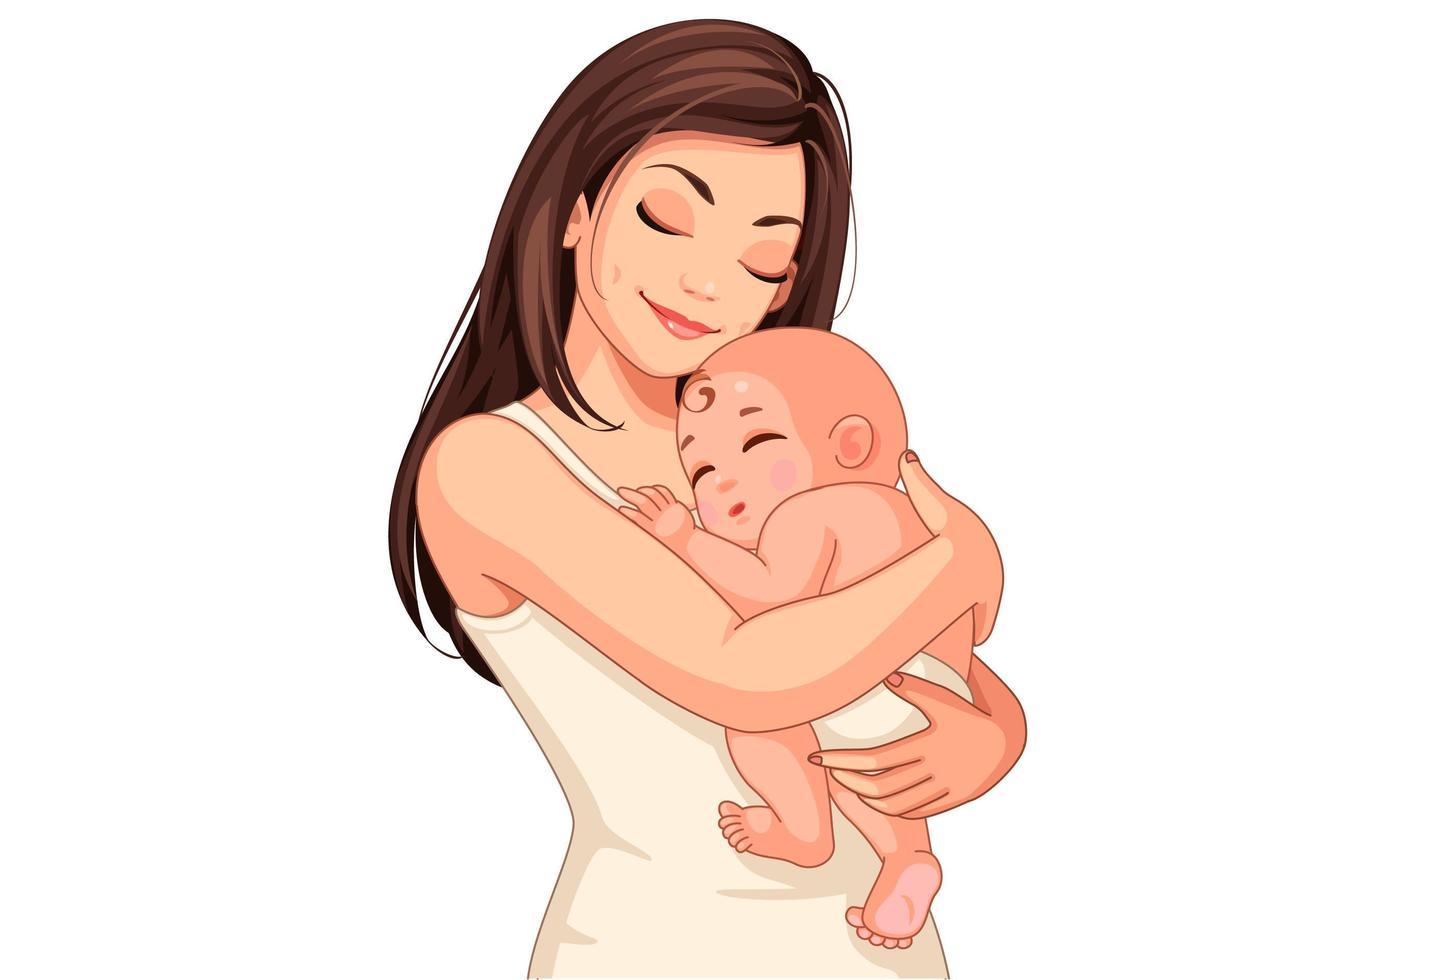 jovem mãe segurando um bebê vetor